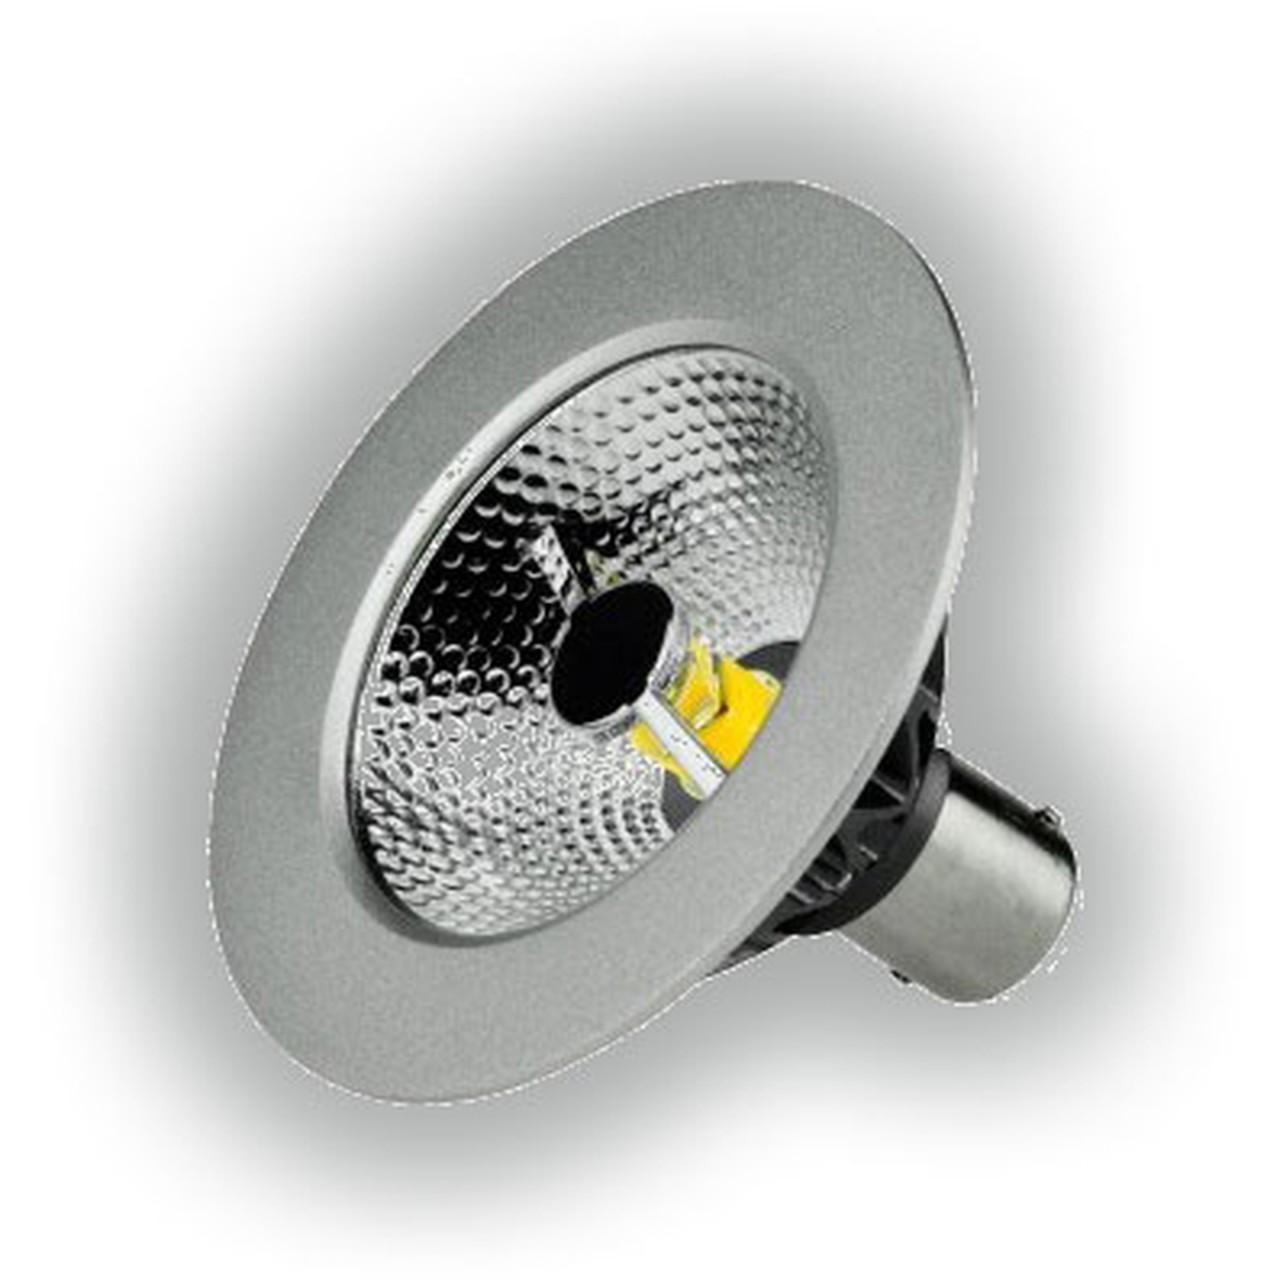 ar70 led spot 7w 12v 2700k bajonet dimbaar led verlichting yellowbee nederland. Black Bedroom Furniture Sets. Home Design Ideas